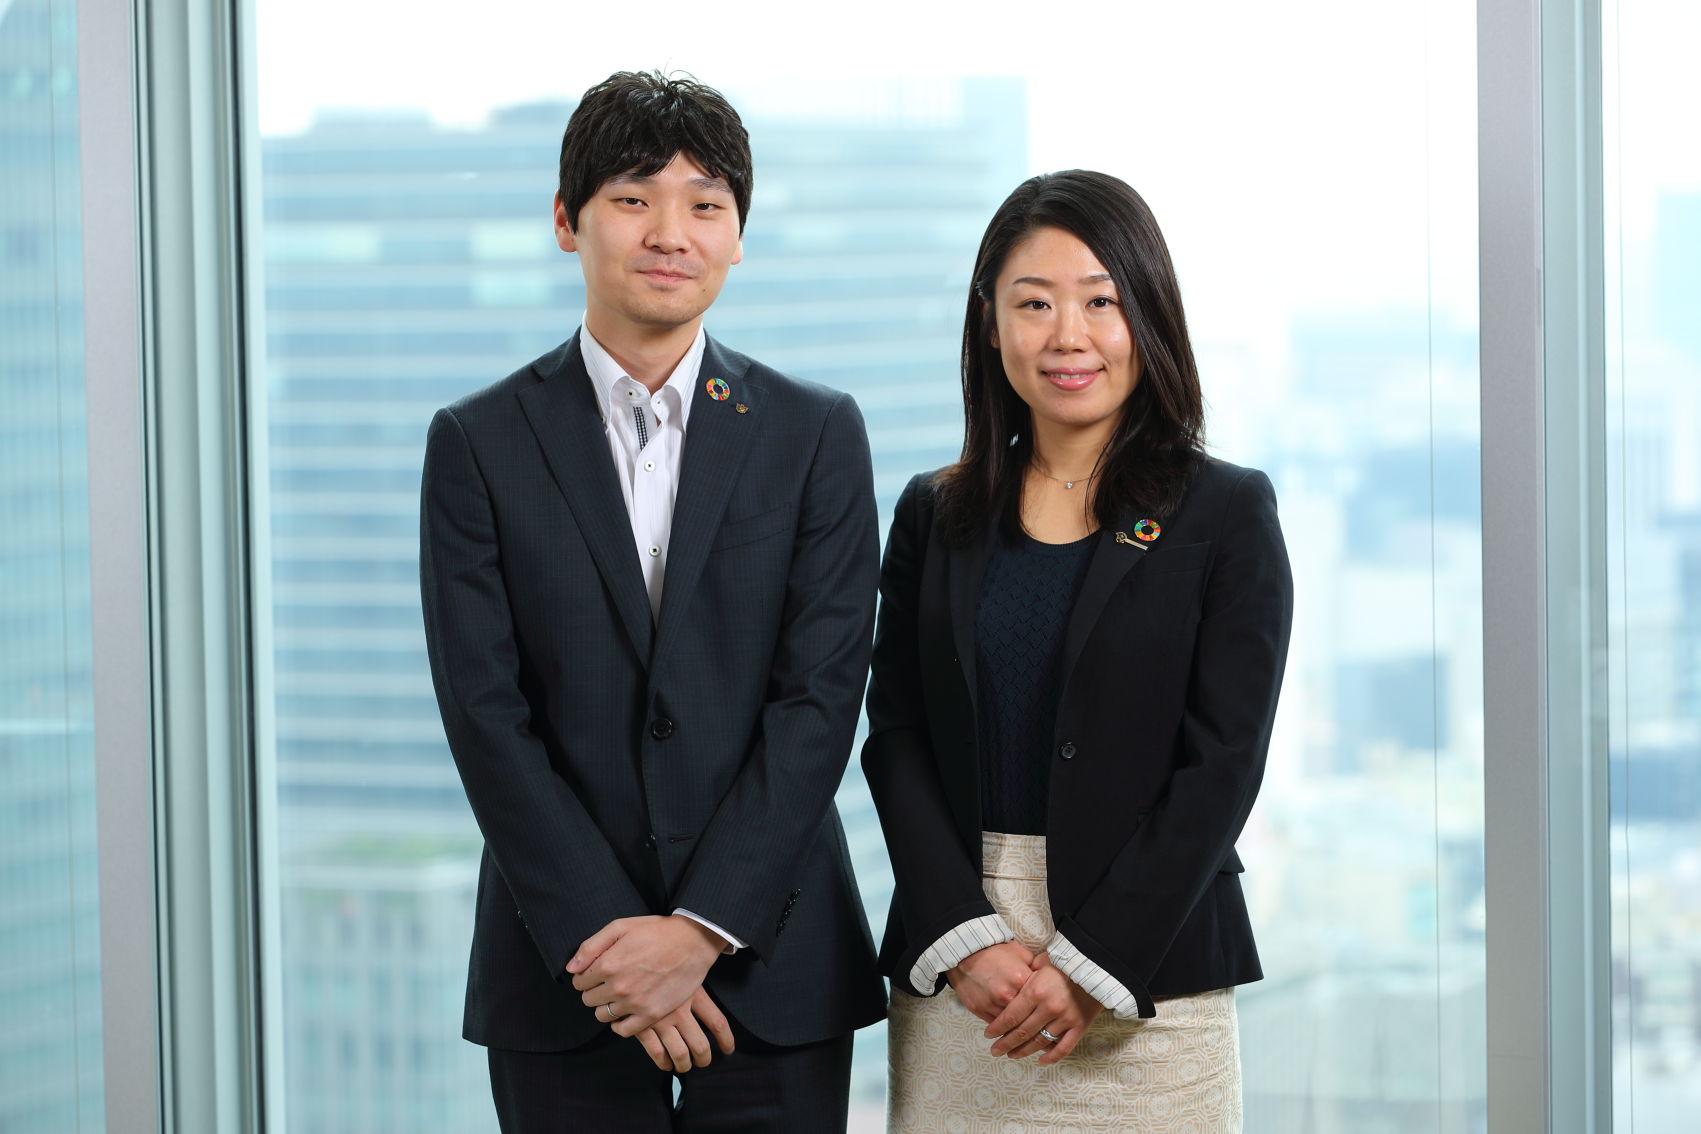 若い世代に資産運用について考えるきっかけを。大和証券のオウンドメディア『SODATTE』